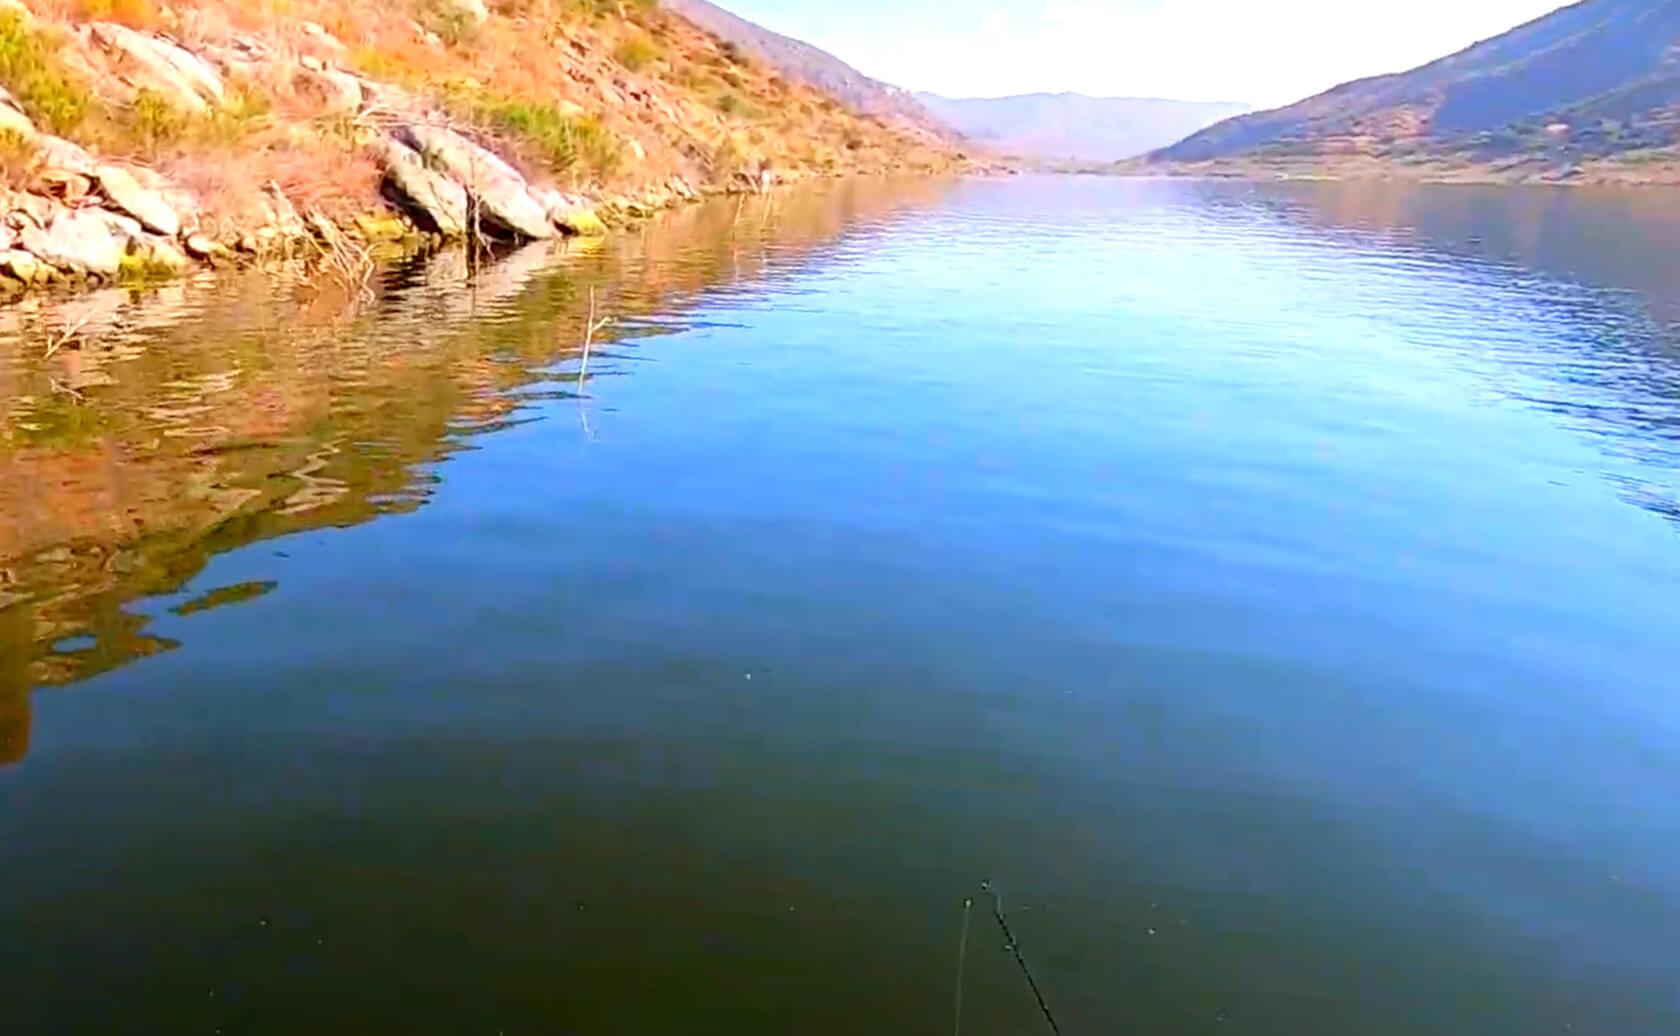 El-Capitan-Reservoir-Lake-Fishing-Guide-Report-California-01